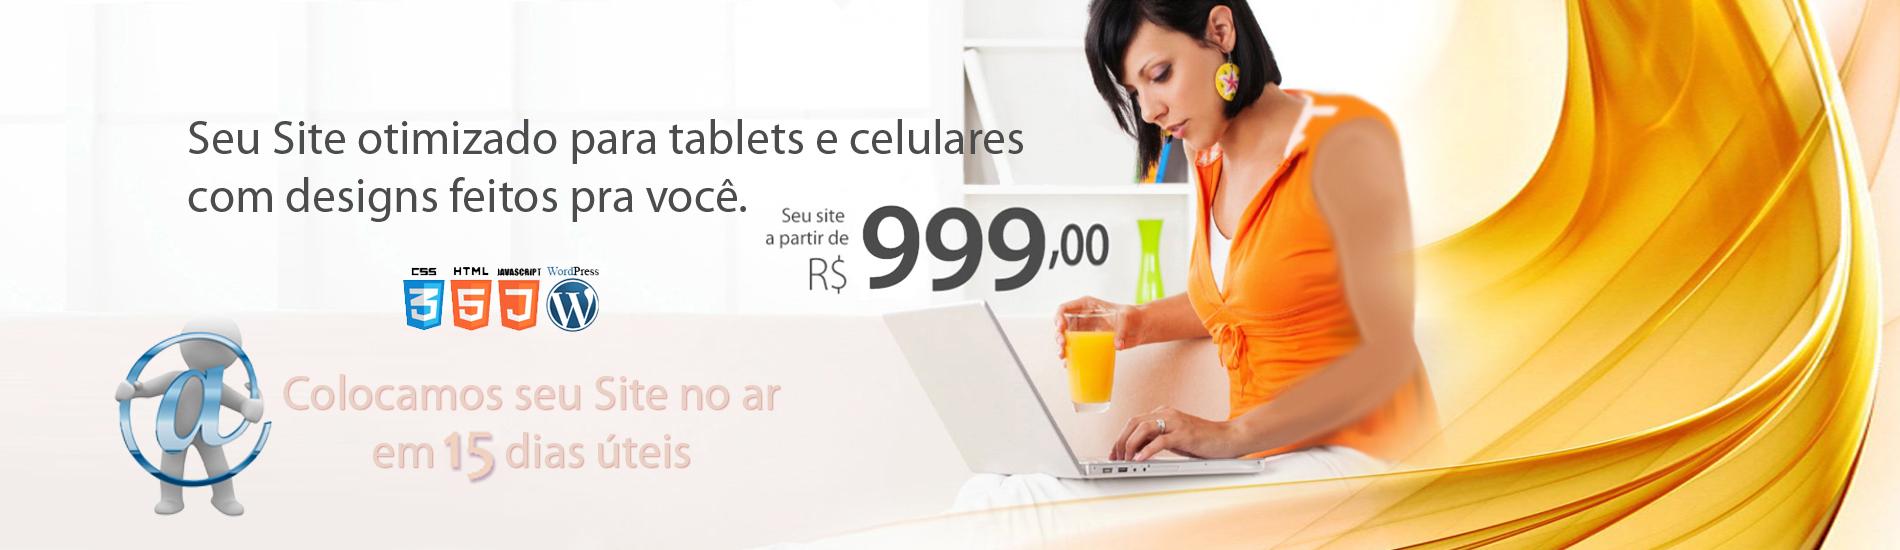 SEU SITE A PARTIR DE R$ 999,00